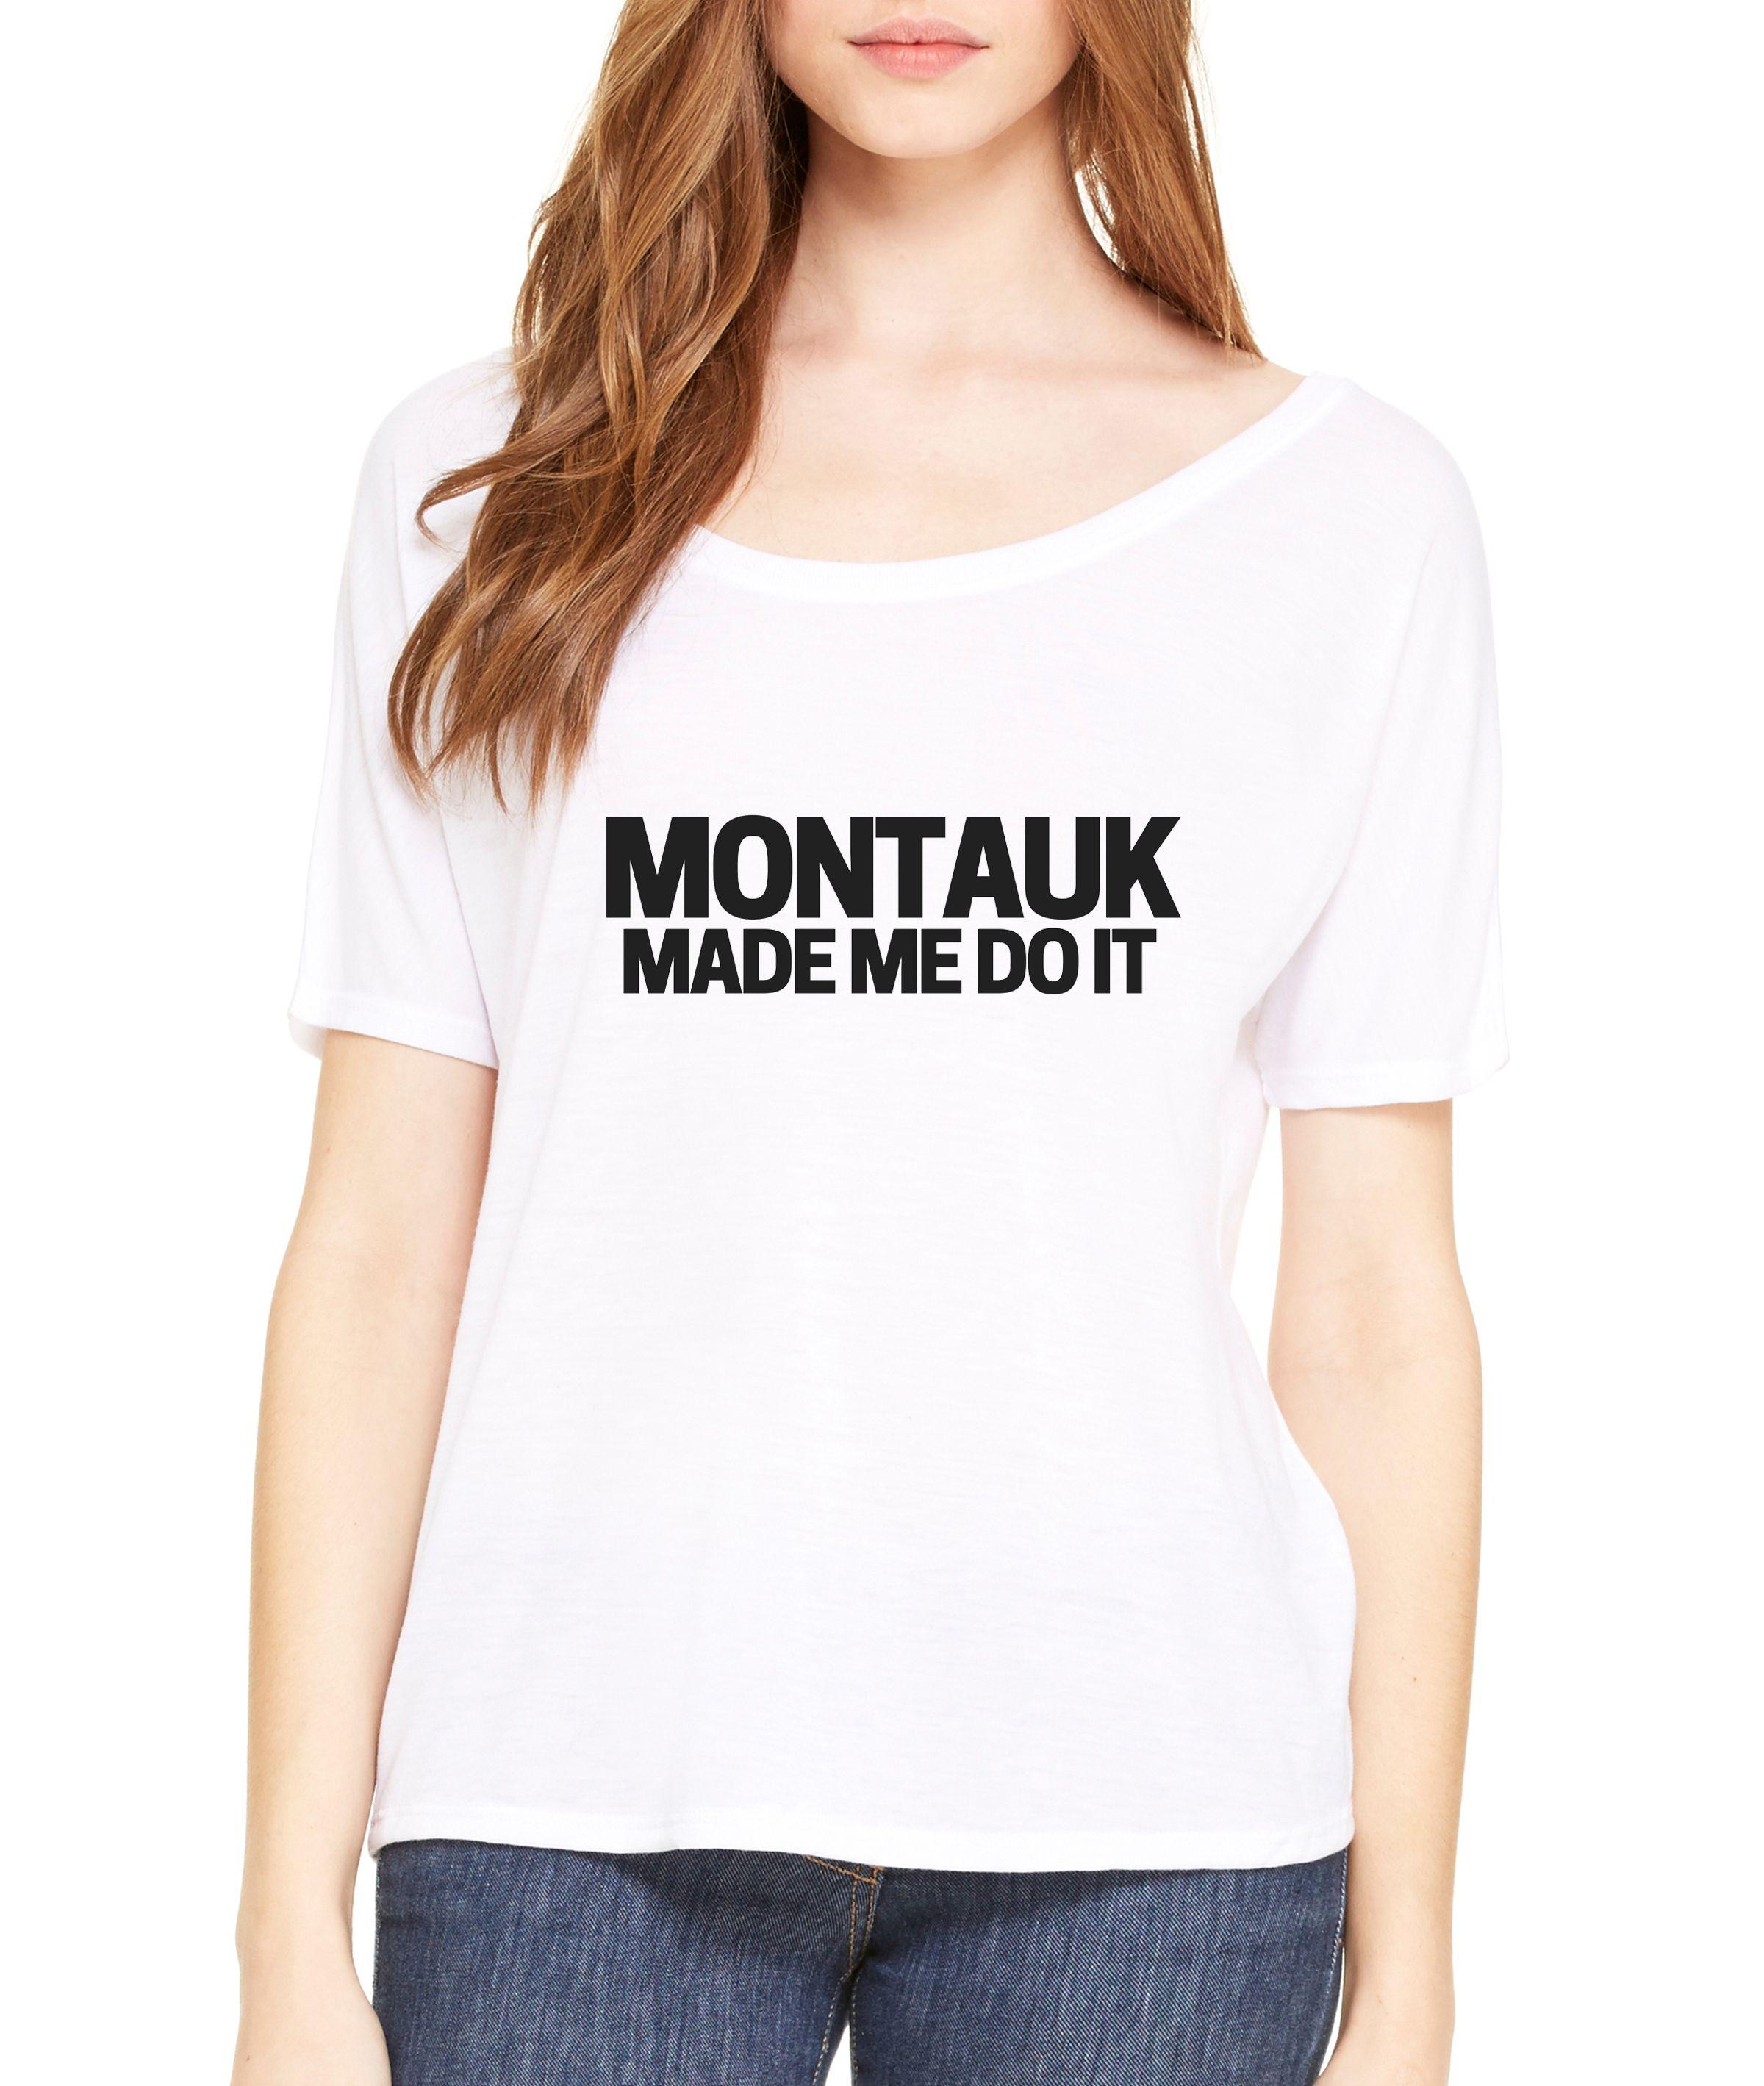 Montauk Women's Tee